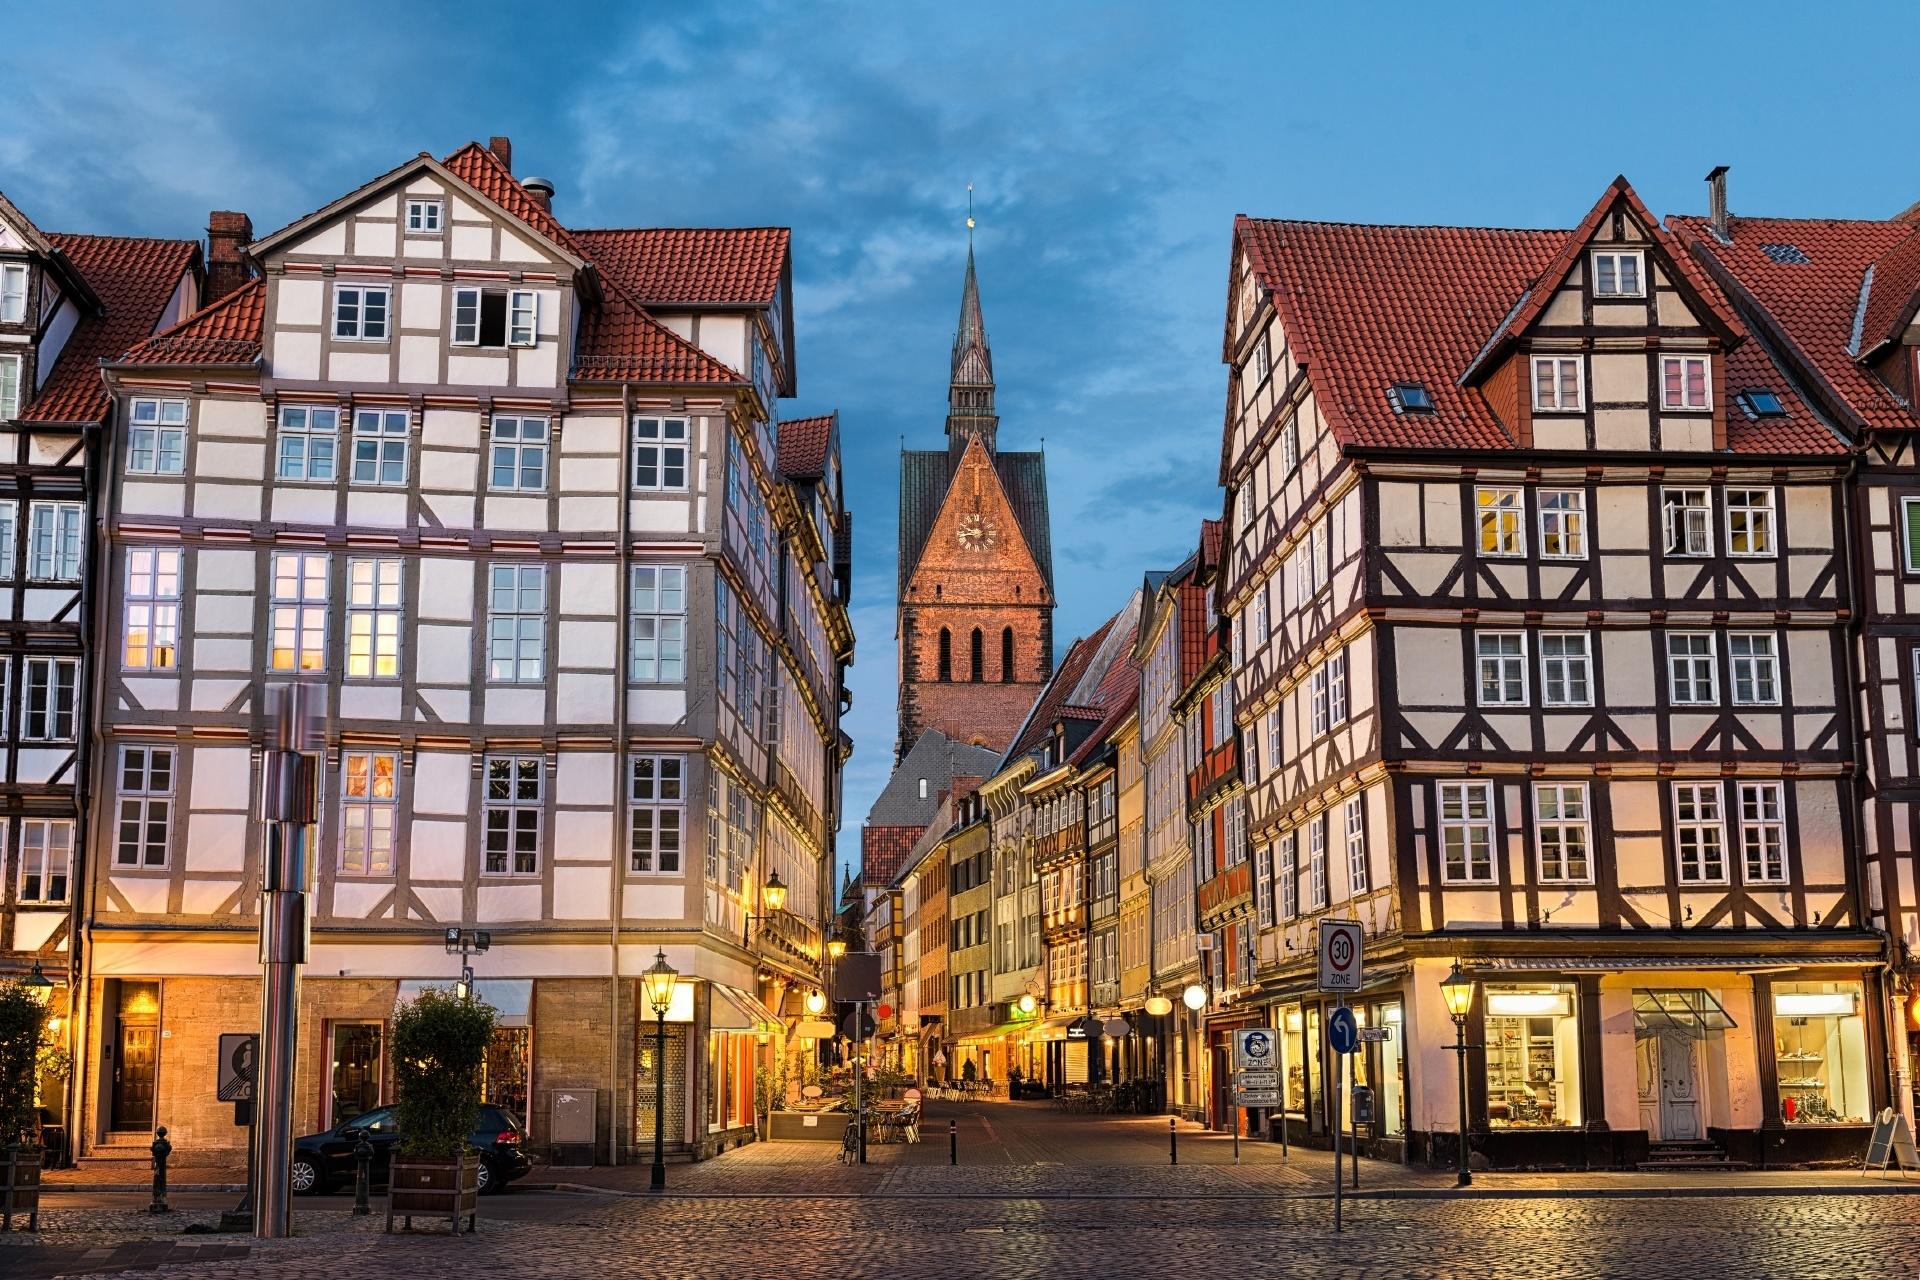 ドイツ ハノーファー マルクト教会と旧市街の町並み